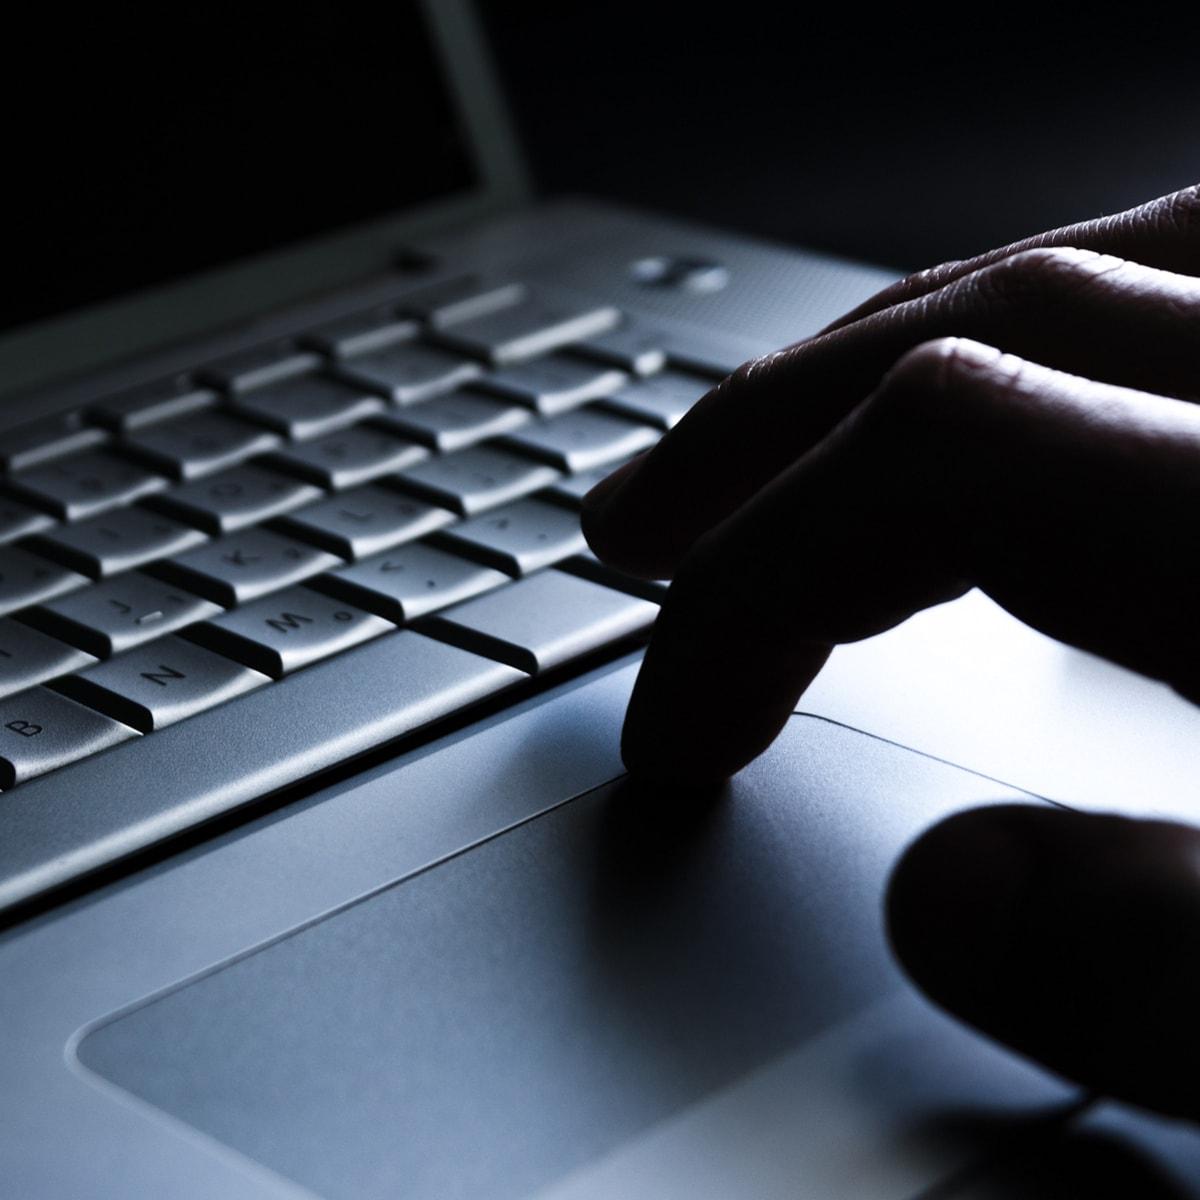 Obsługa komputera z systemem Windows 10 może być wygodna również bez myszki. Warto się jednak nauczyć kilku podstawowych gestów na touchpadzie.